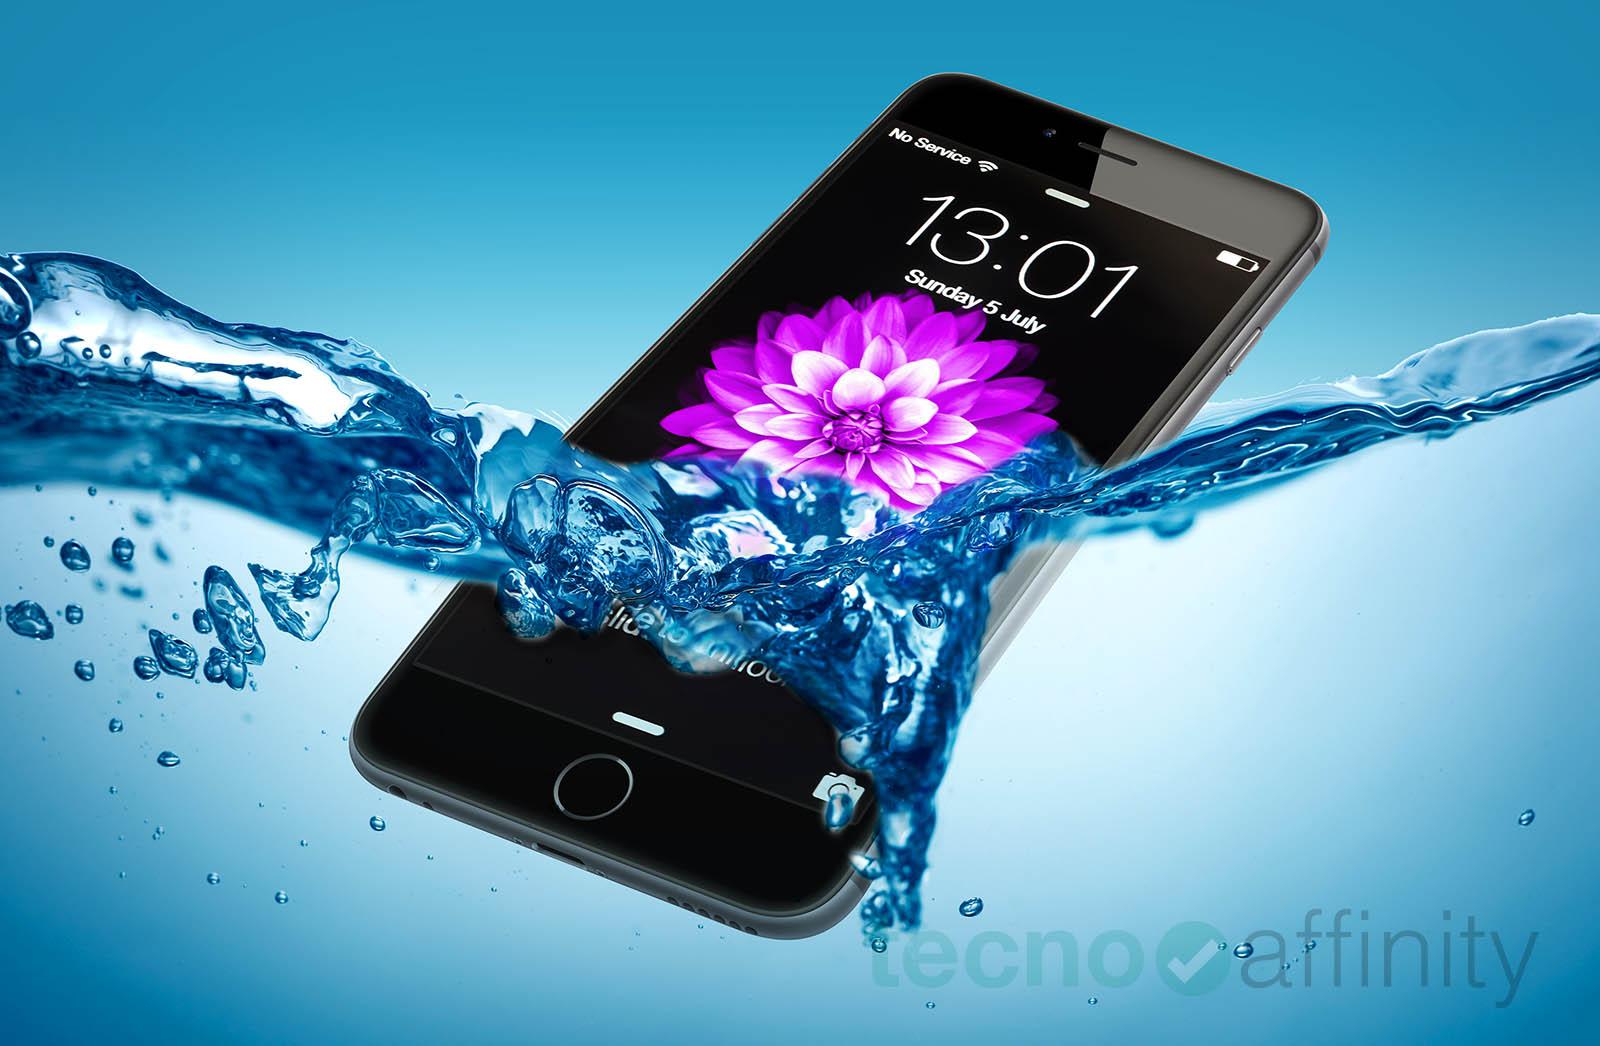 iPhone sumergido